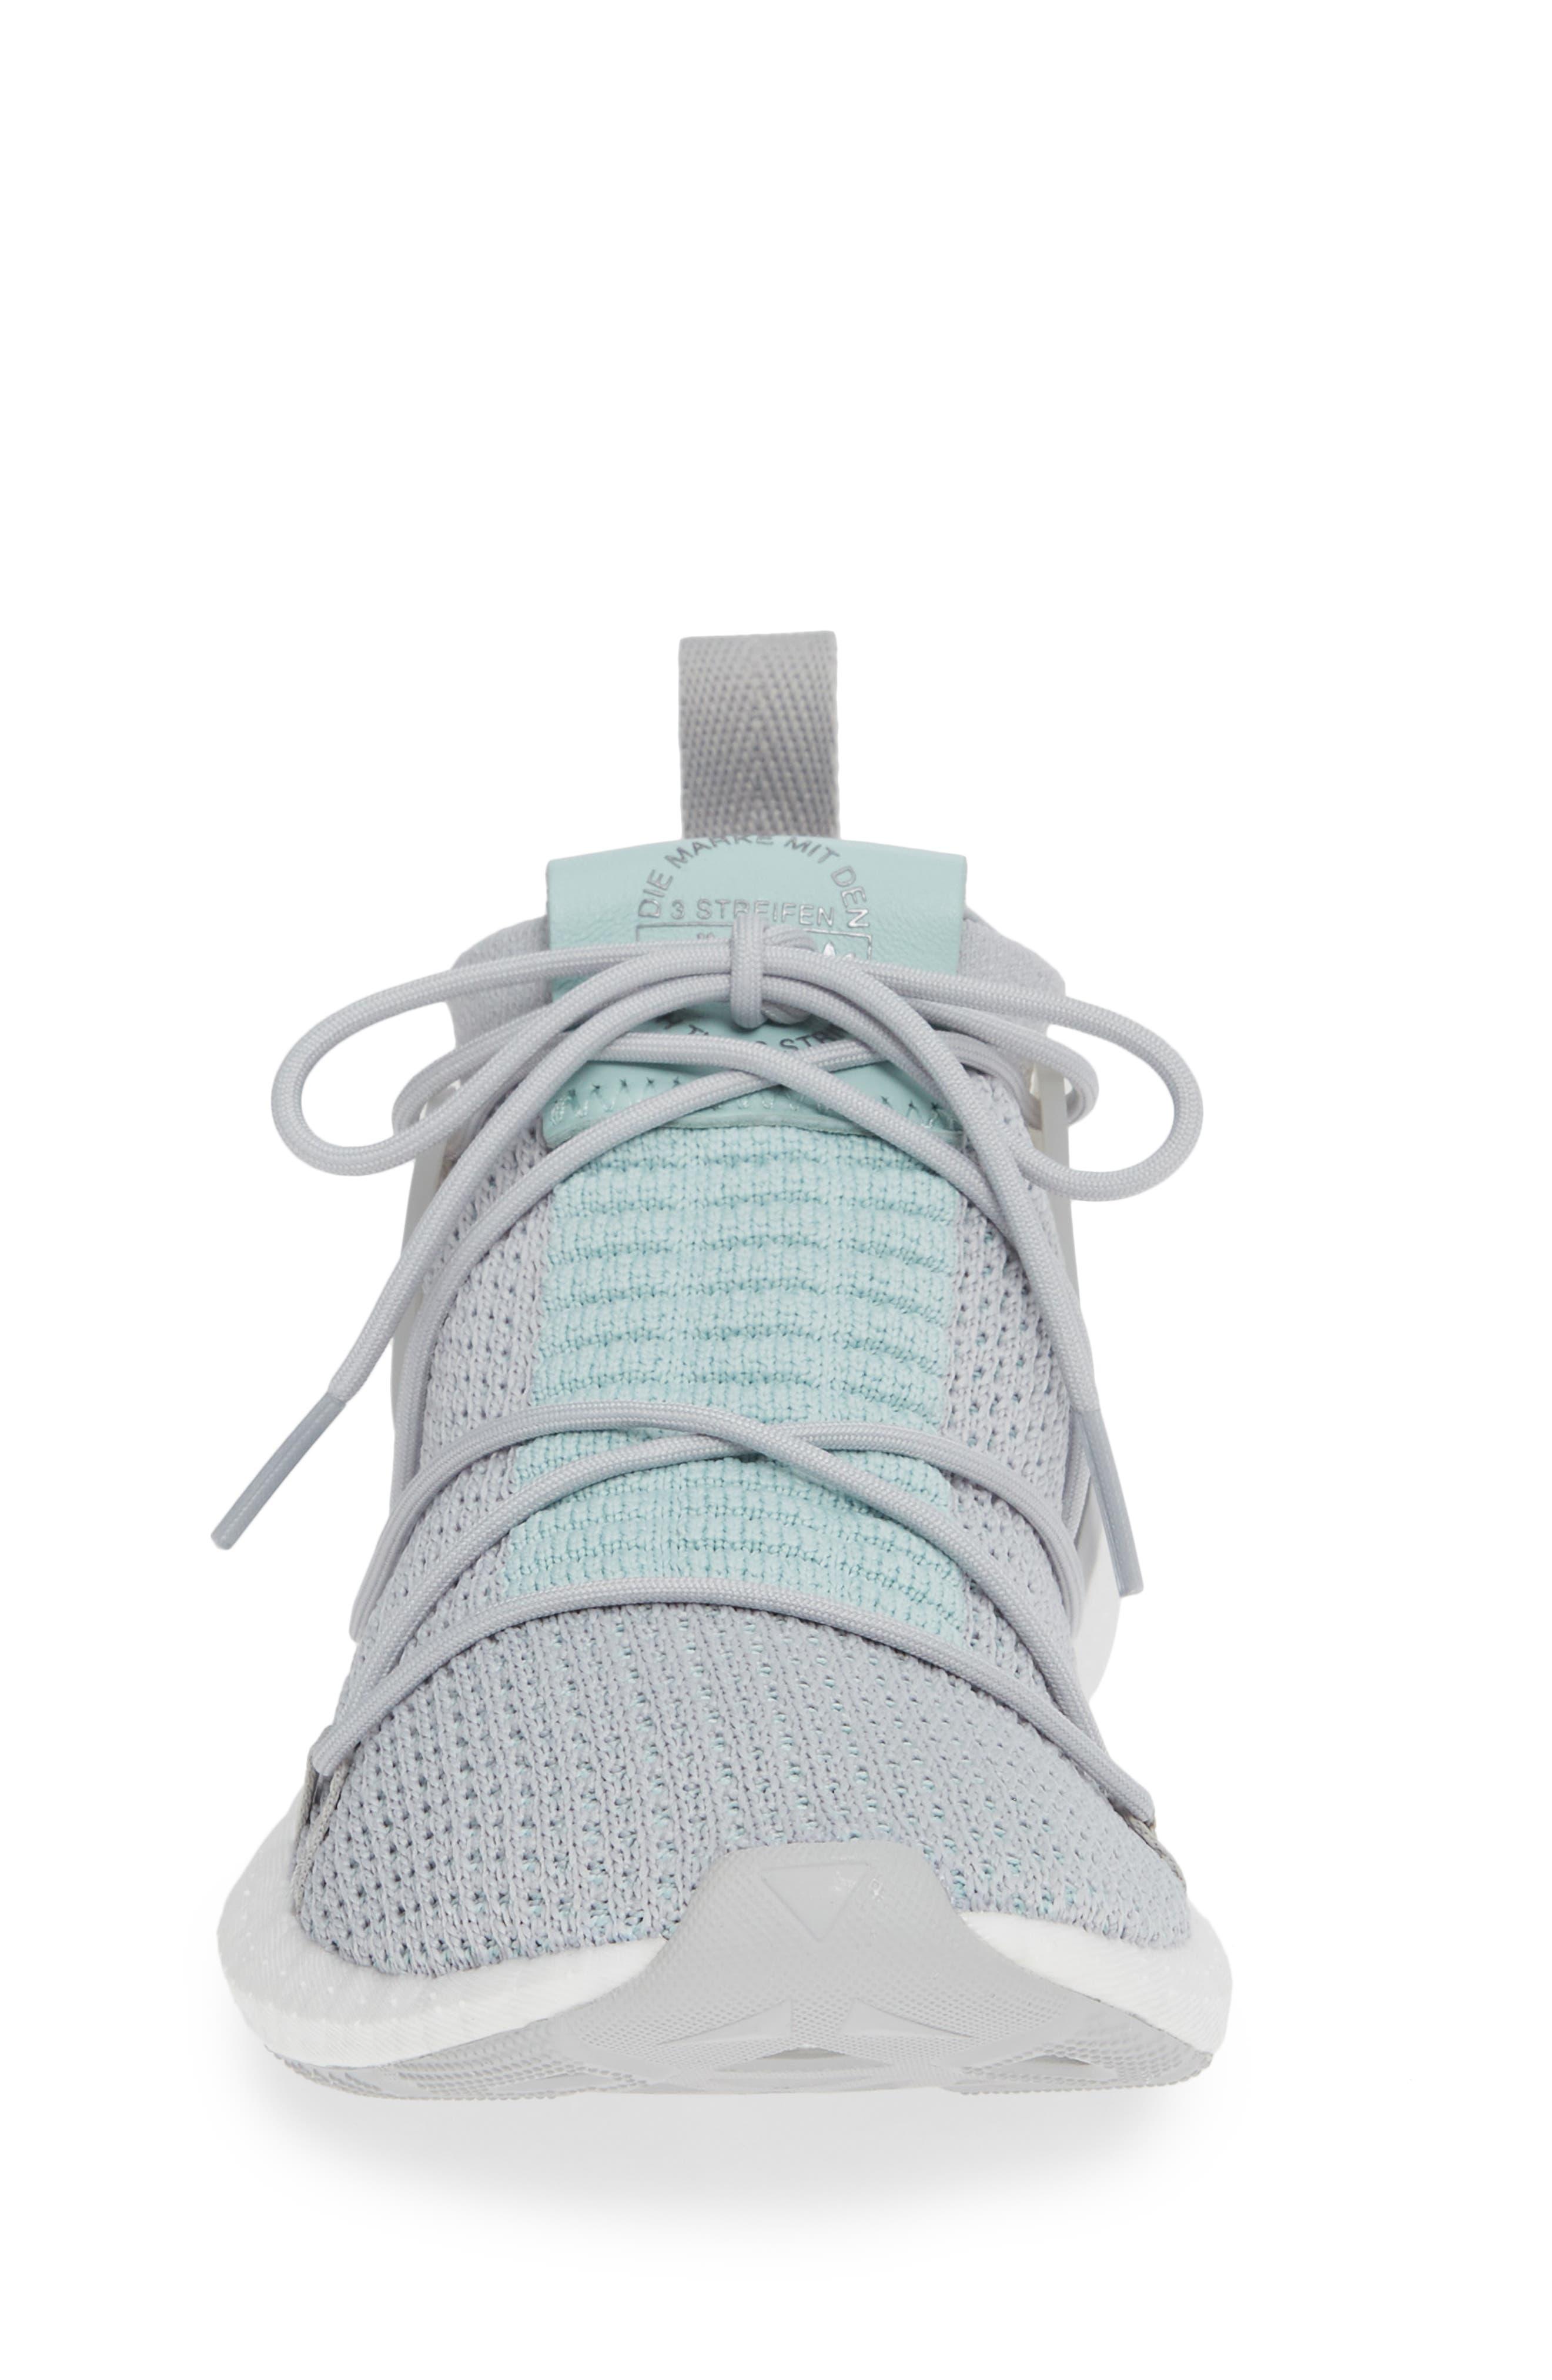 Arkyn Primeknit Sneaker,                             Alternate thumbnail 4, color,                             GREY TWO/ GREY TWO/ ASH GREEN